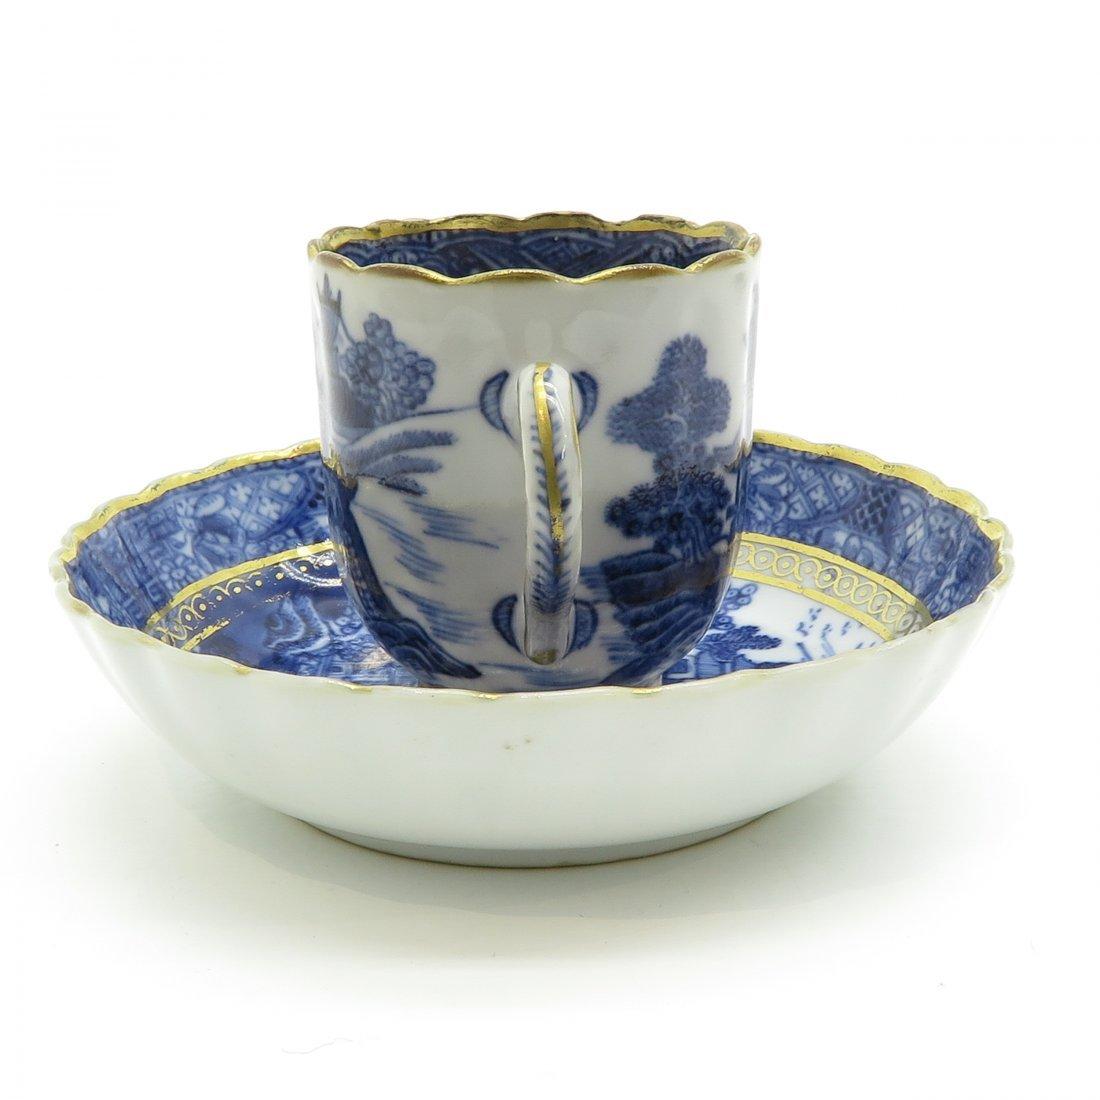 China Porcelain Cup and Saucer Circa 1800 - 2